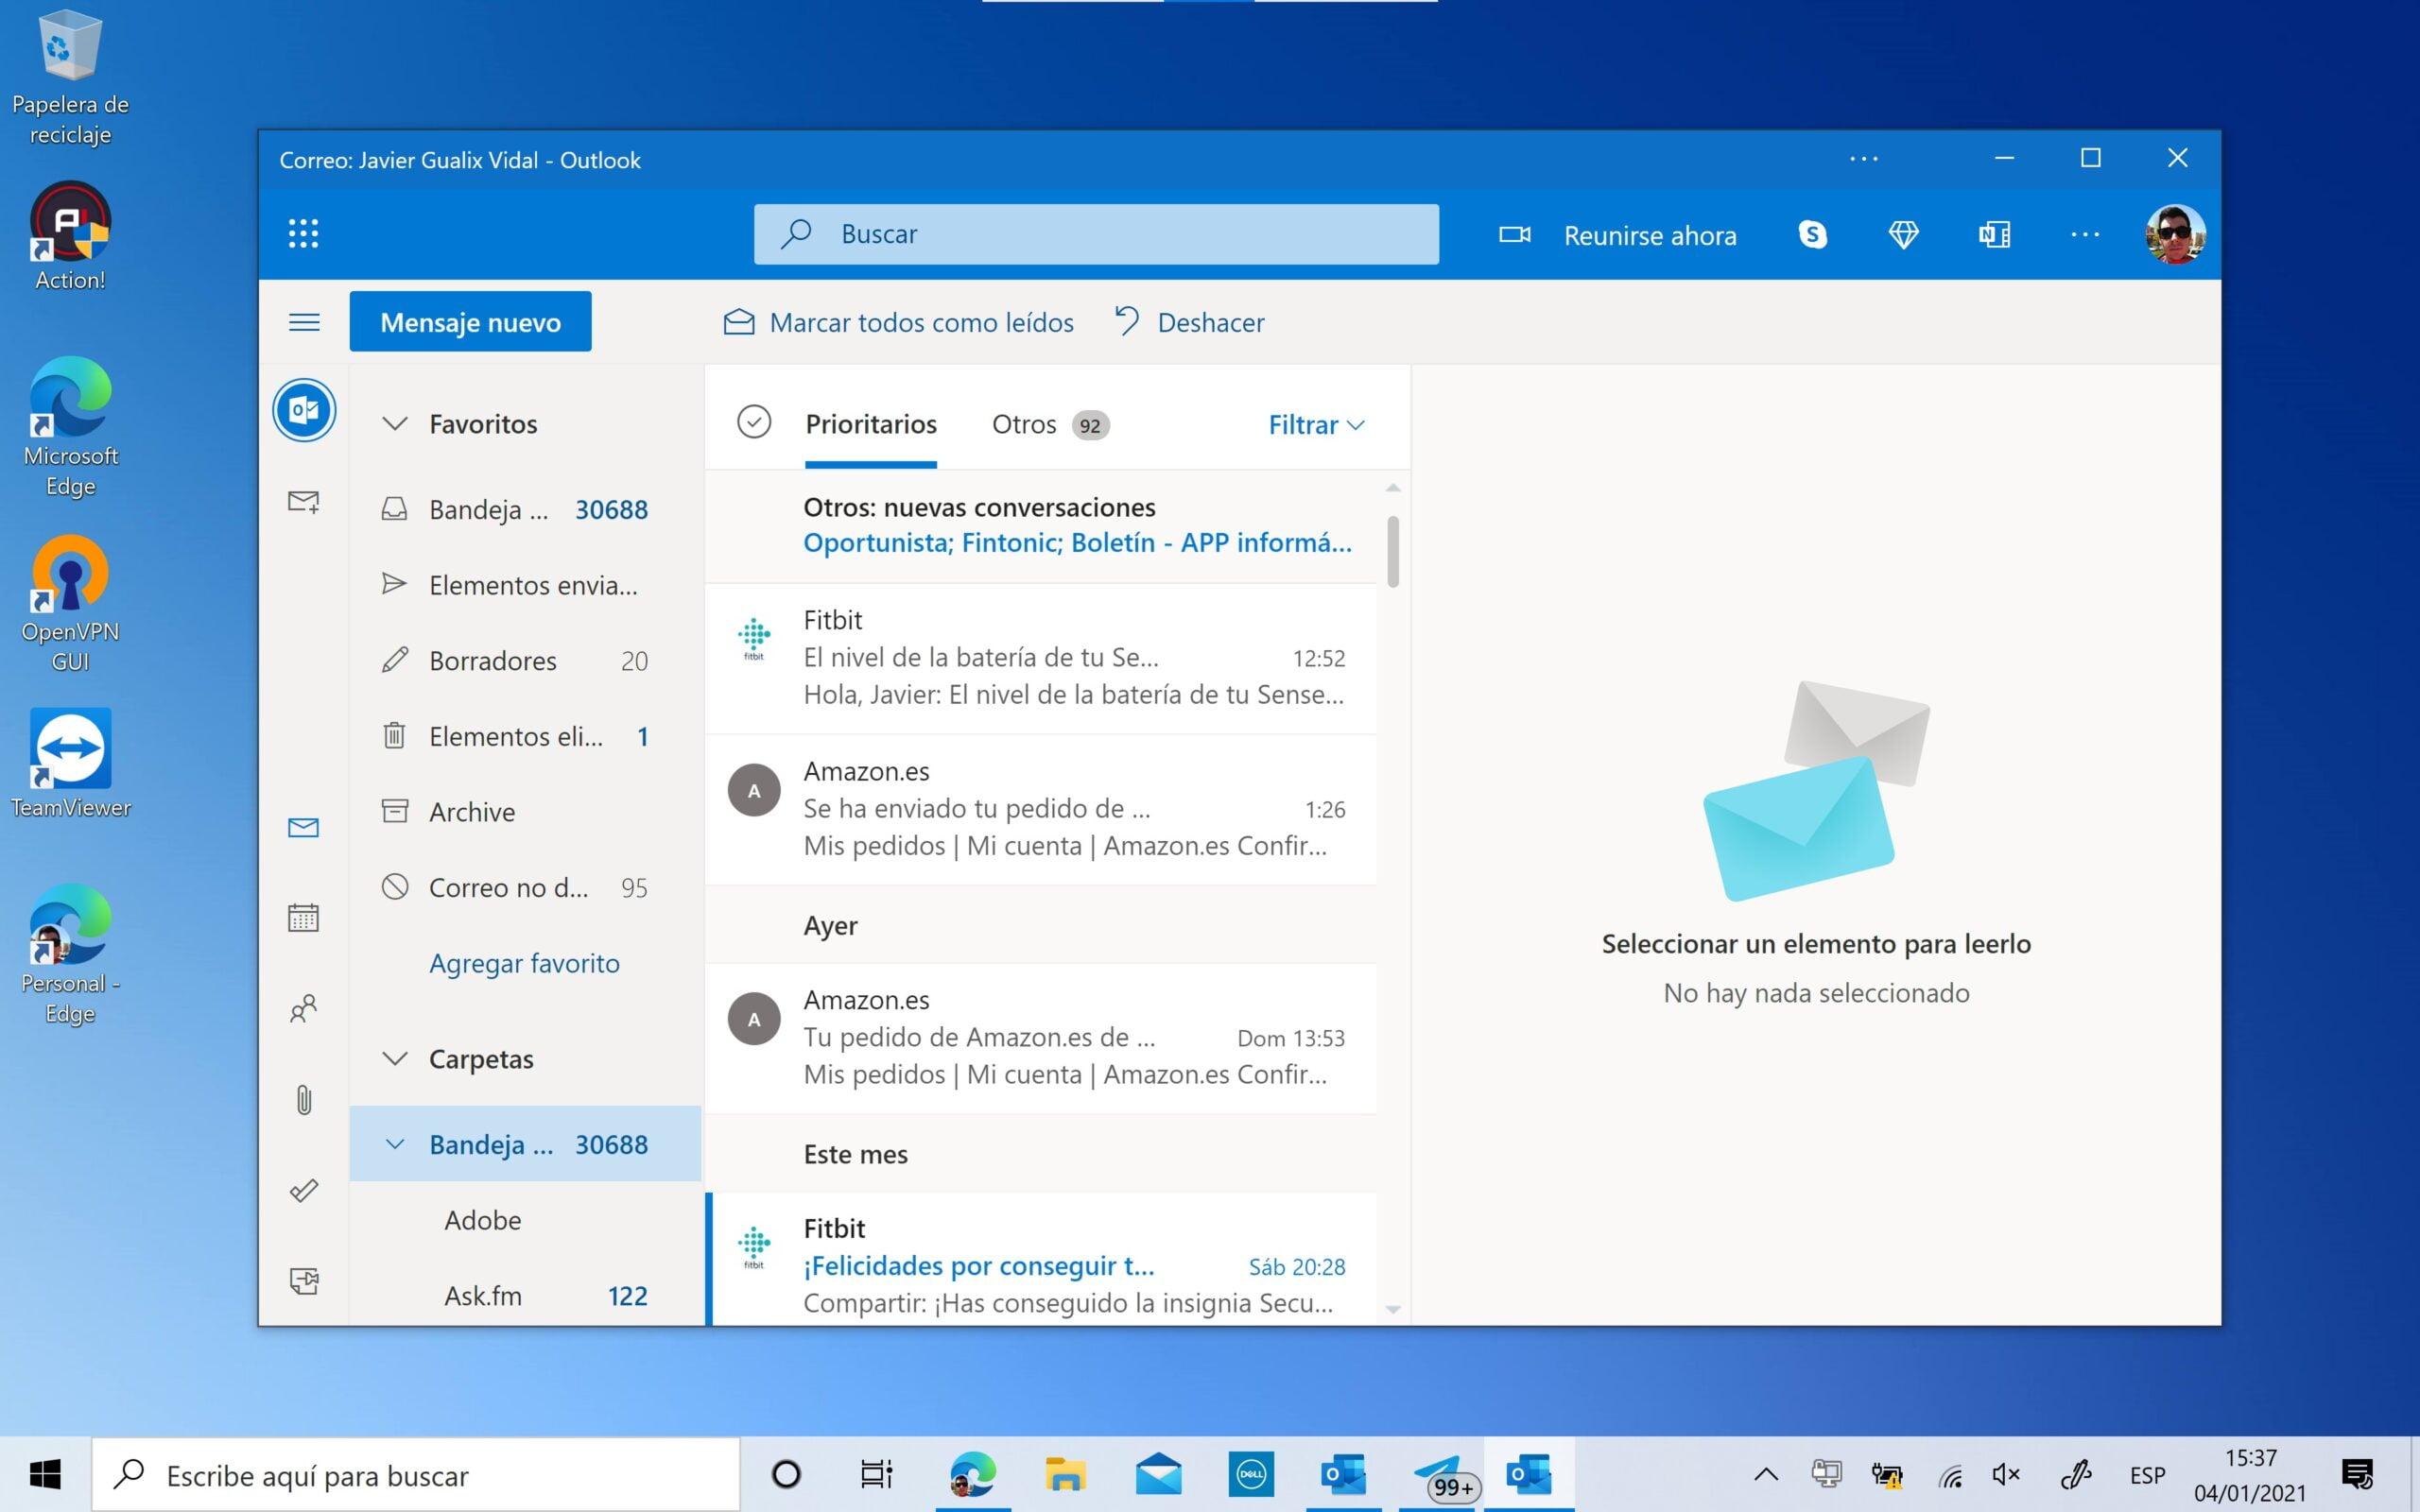 Project Monarch estará basado en Outlook Web App